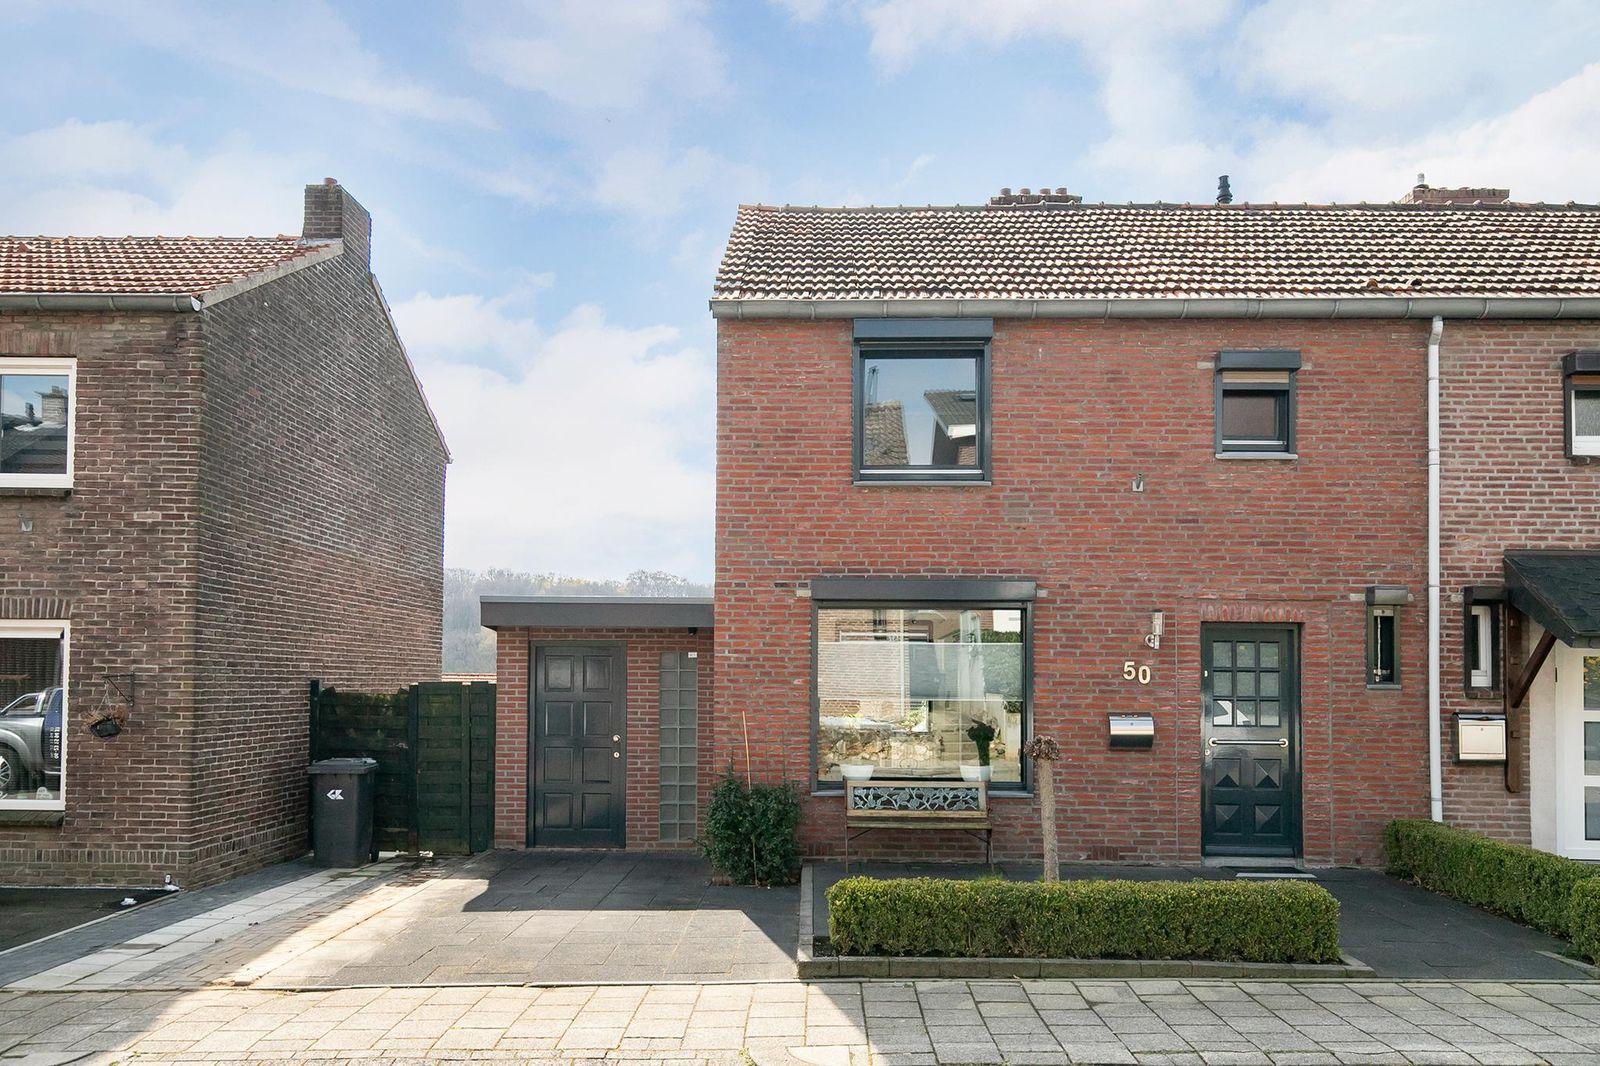 Brandtstraat 50, Eygelshoven